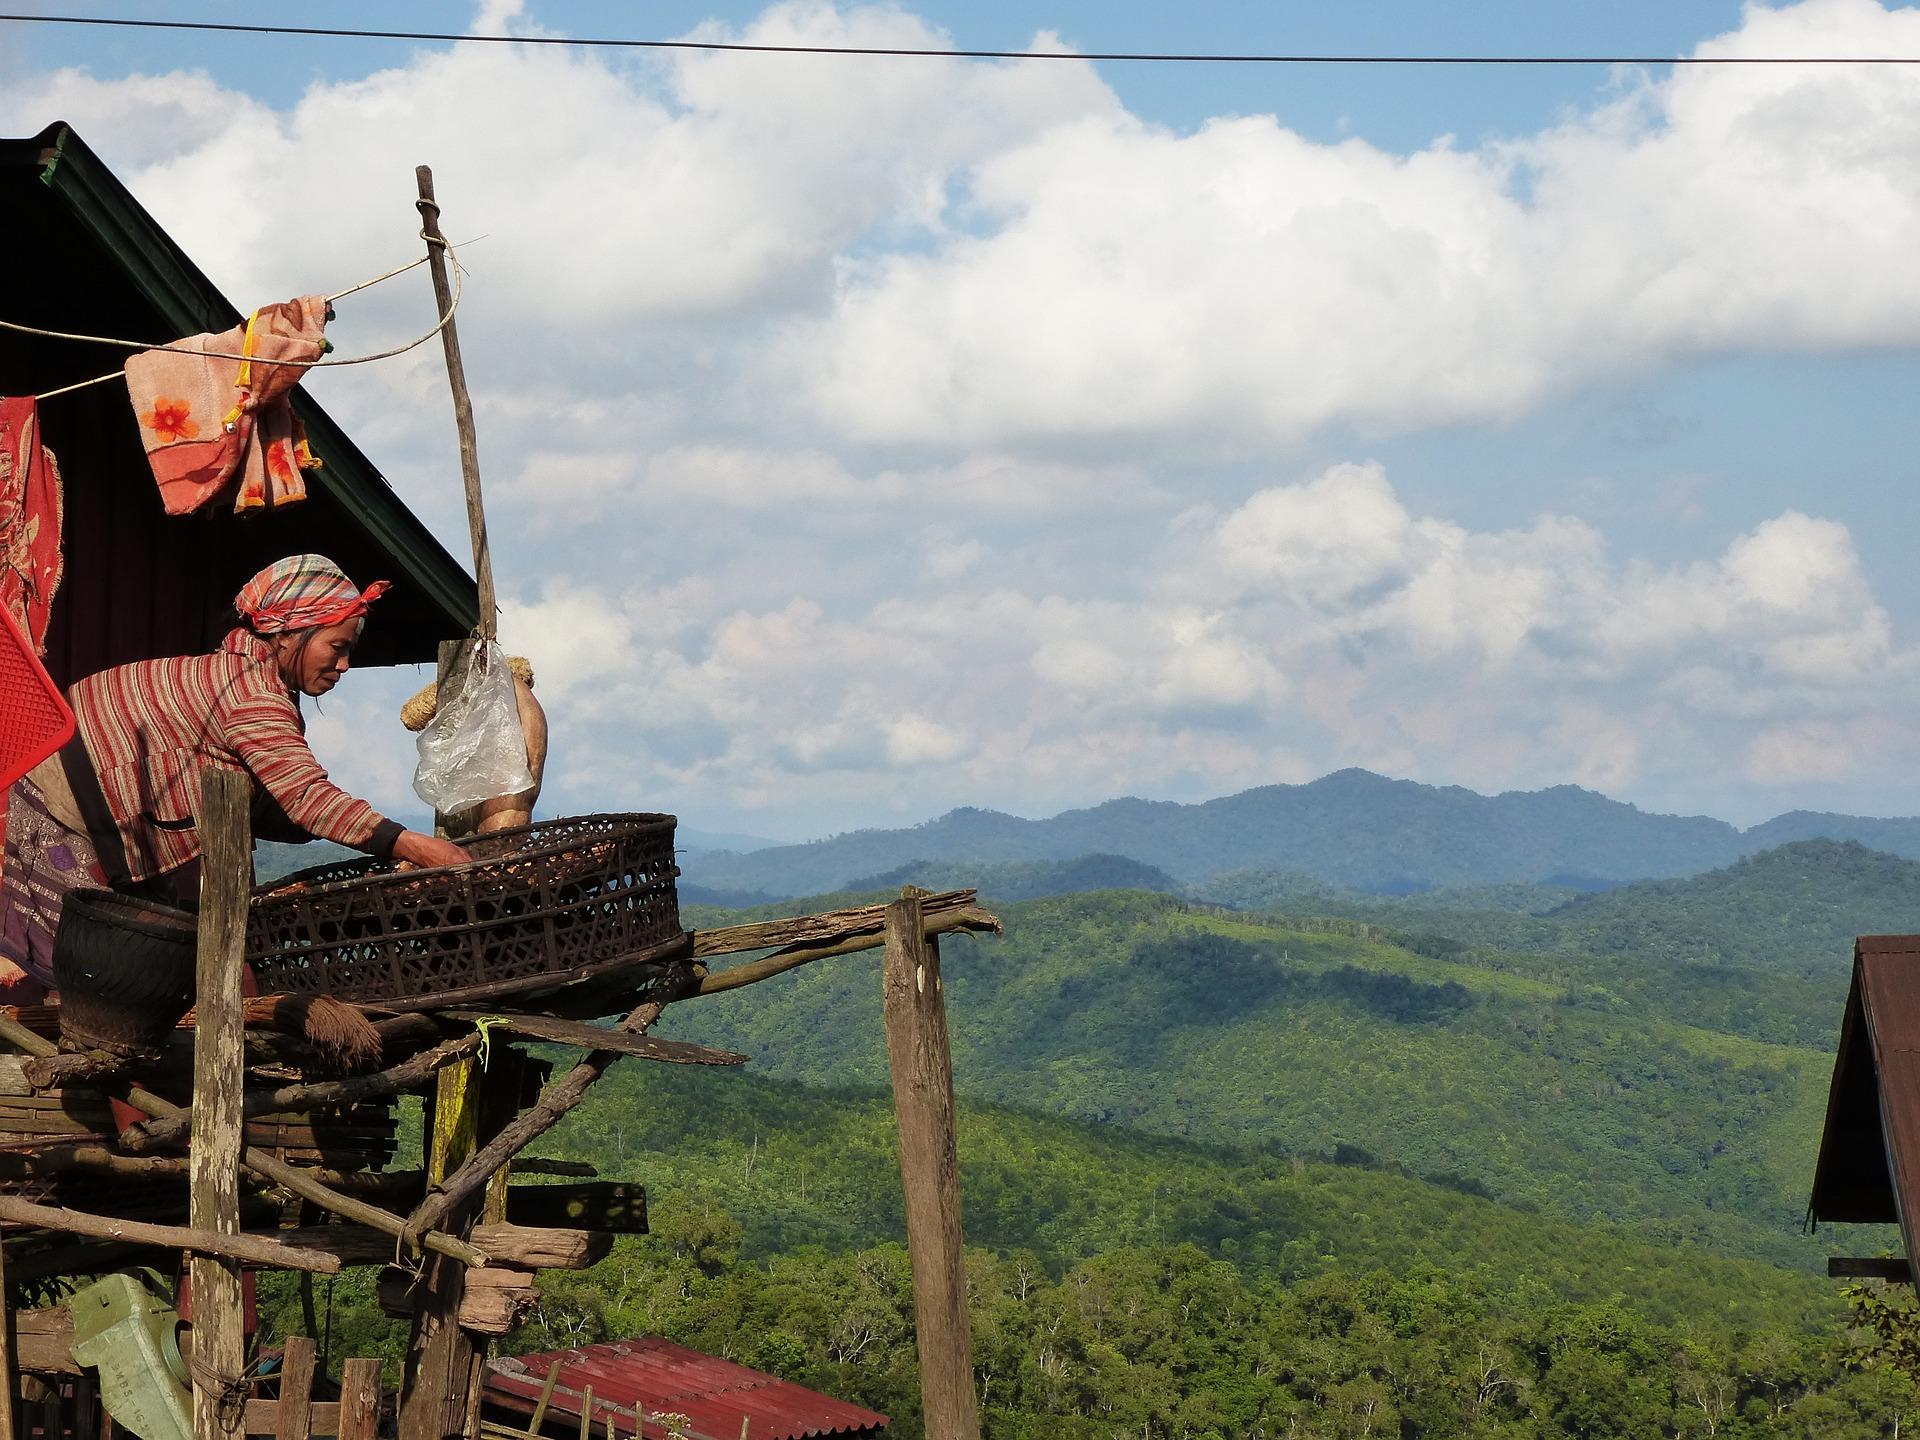 Paisajes-de-Laos